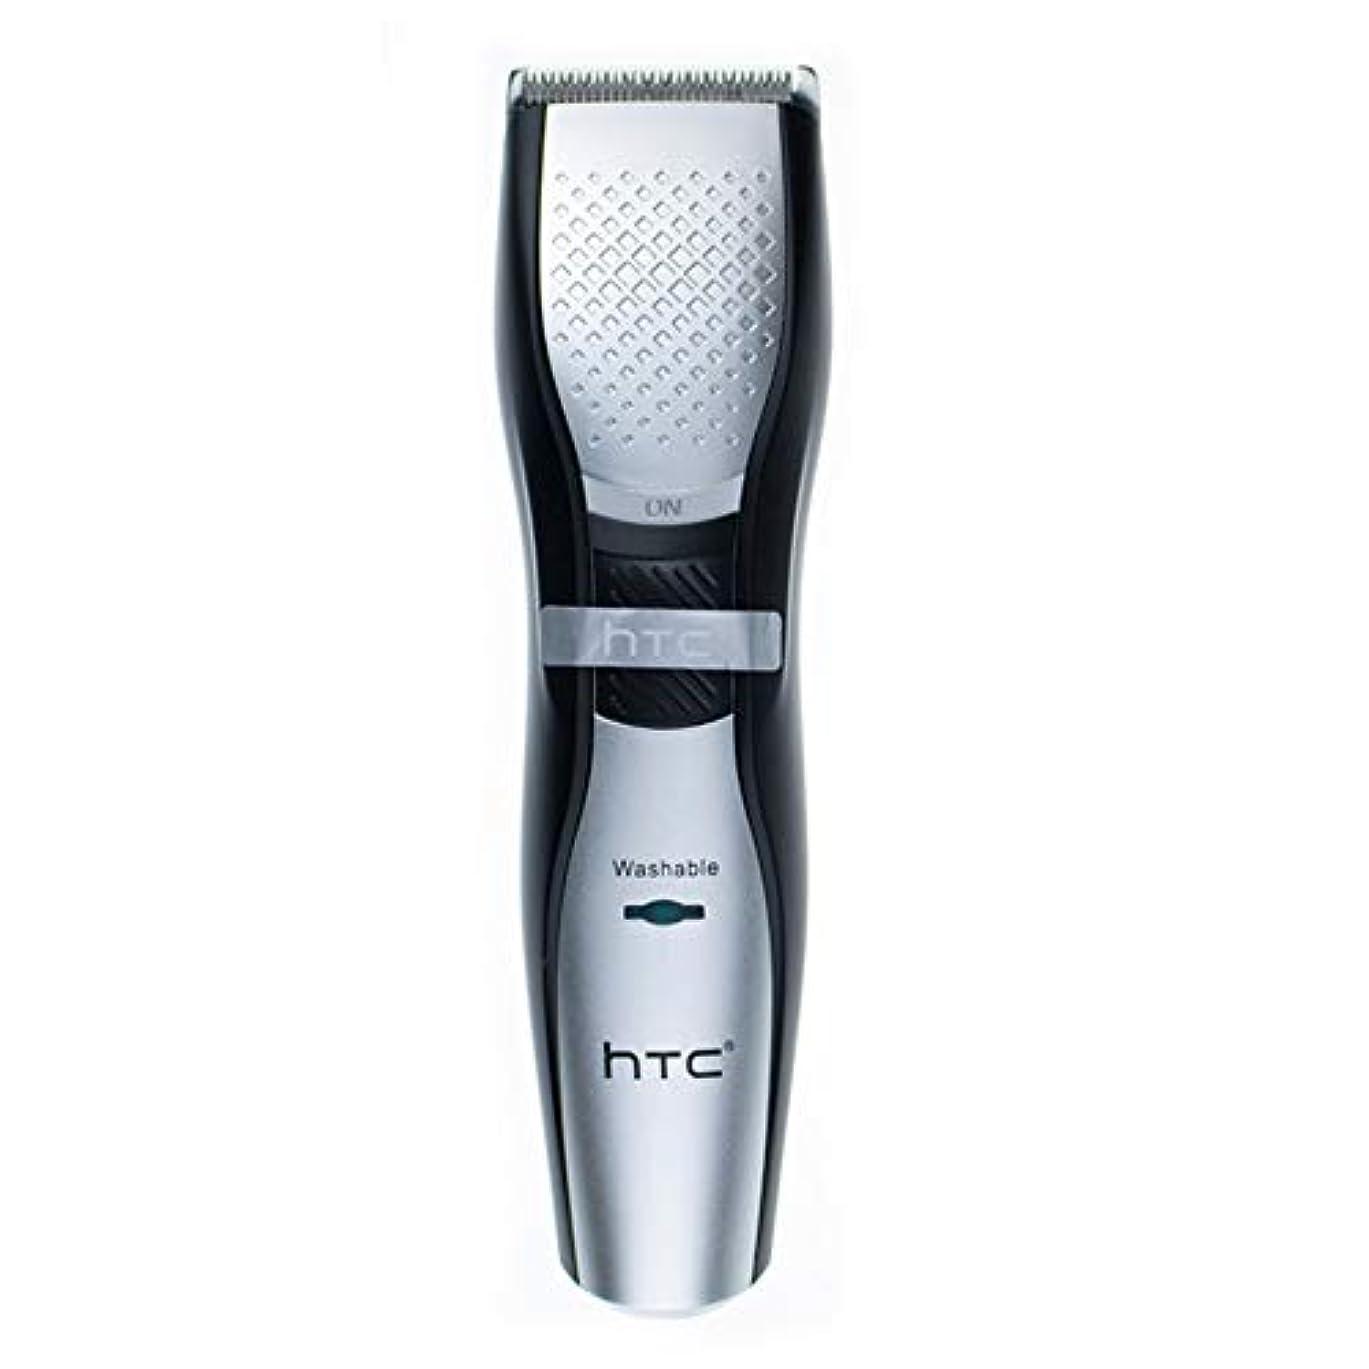 ラベ電化する空洞バリカン、男性用家庭用ひげ剃り、ボディウォッシュステンレスカッターヘッド、低騒音および低振動